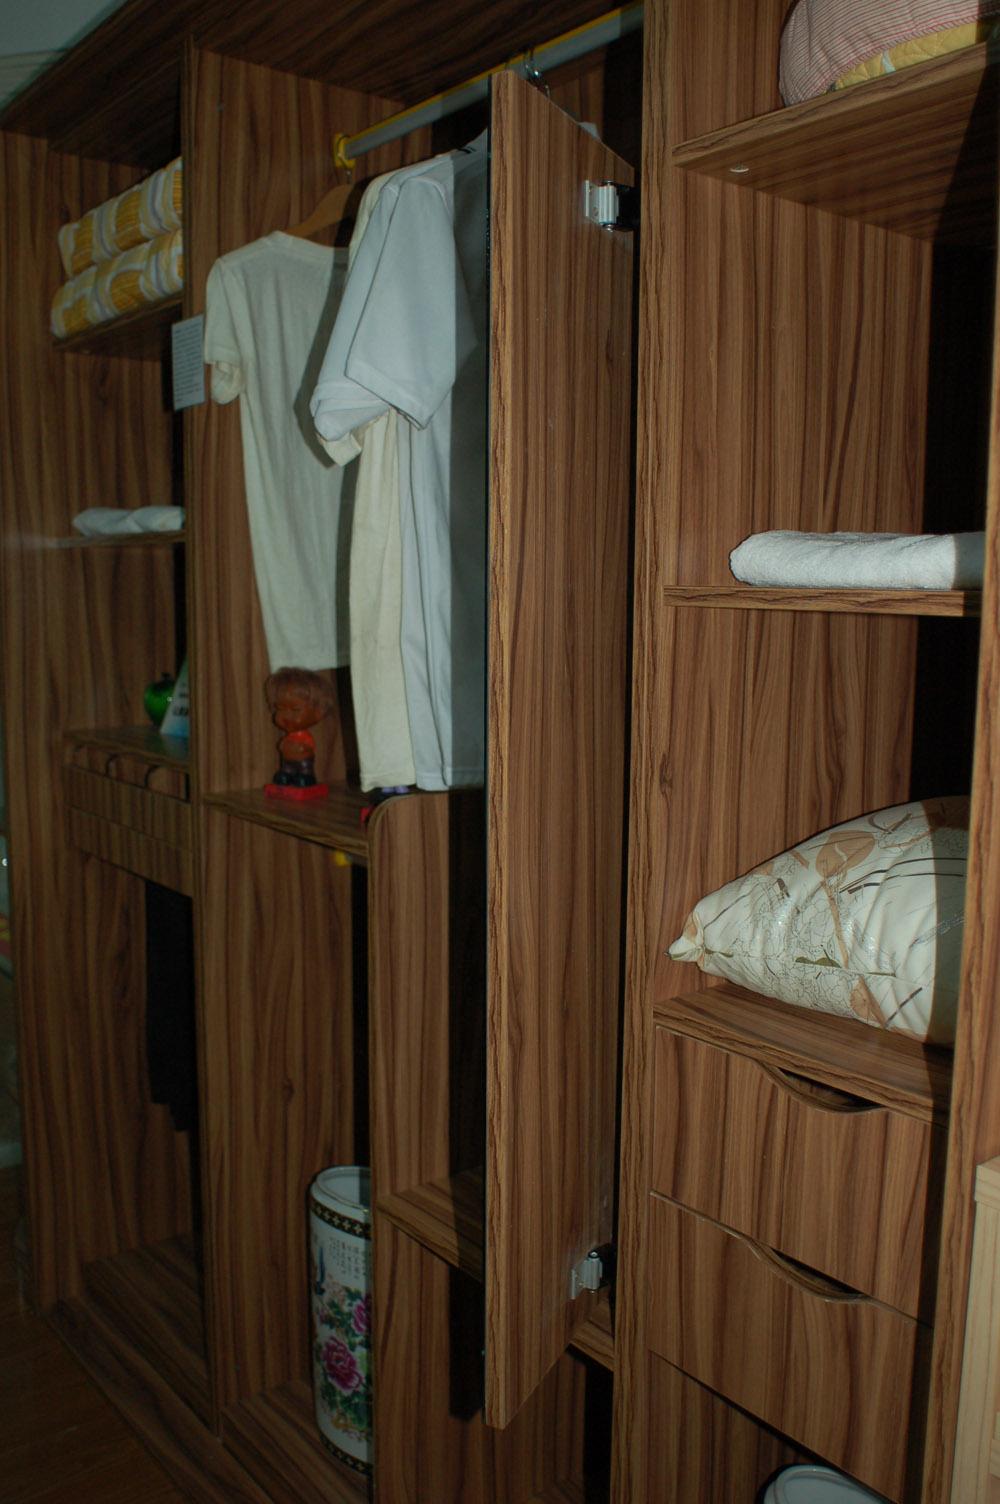 高升翔特衣柜 衣橱 杉木板 定制家具